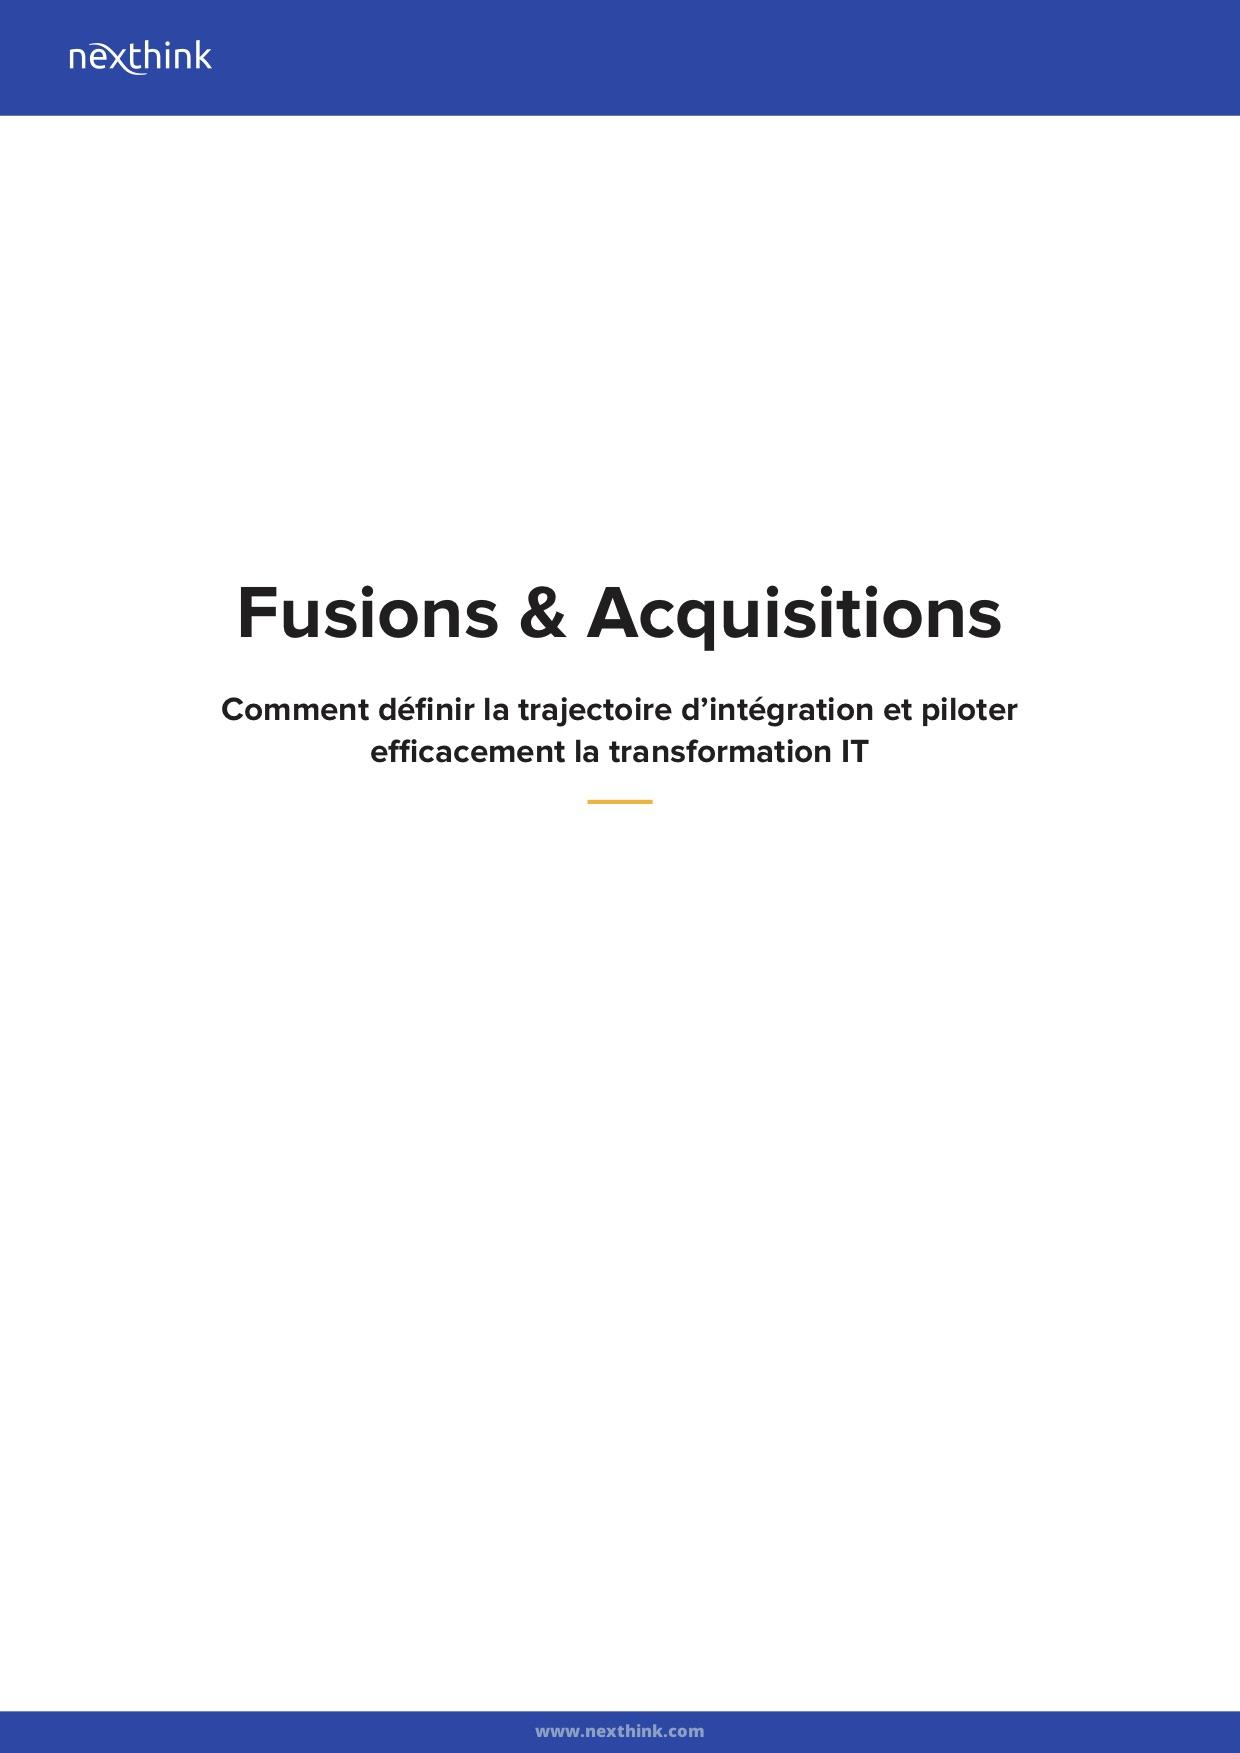 Fusions & Acquisitions :  Comment définir la trajectoire d'intégration et piloter efficacement la transformation IT